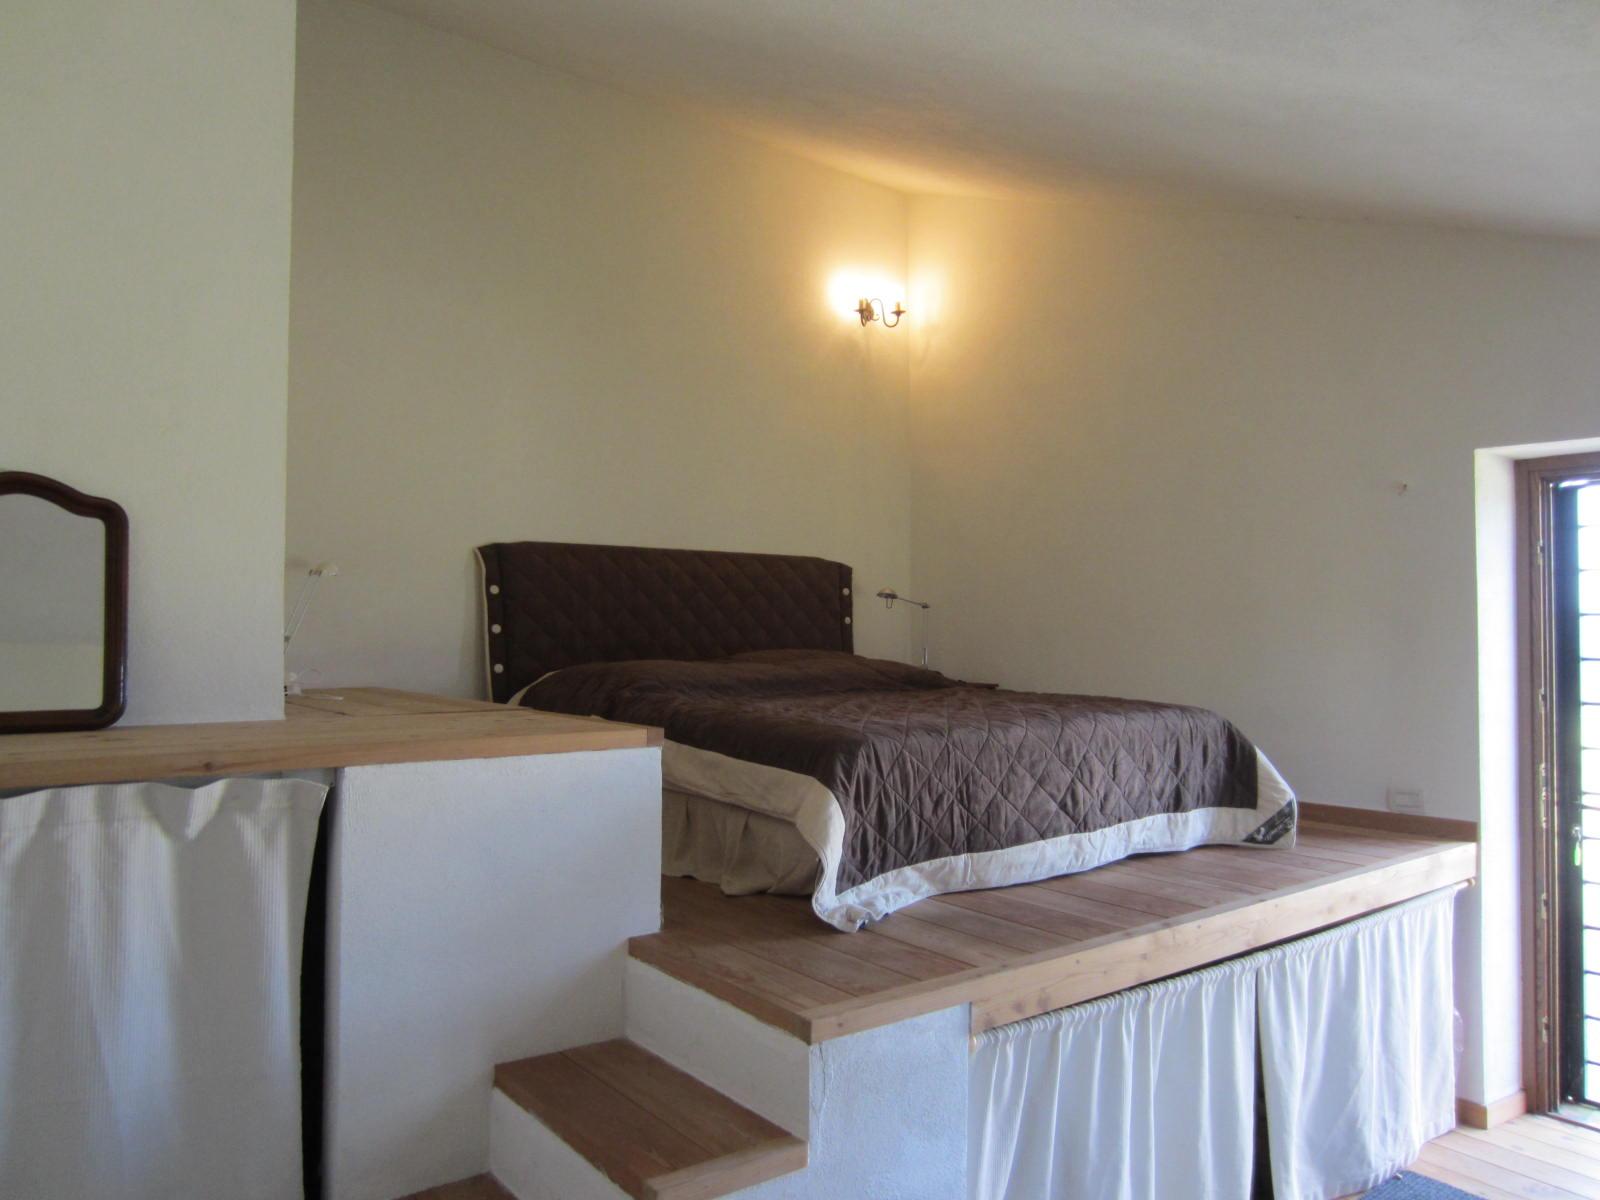 affitto villa campagna calvi dell umbria 8263 (20140313120307-2014-10230-NDP.JPG)